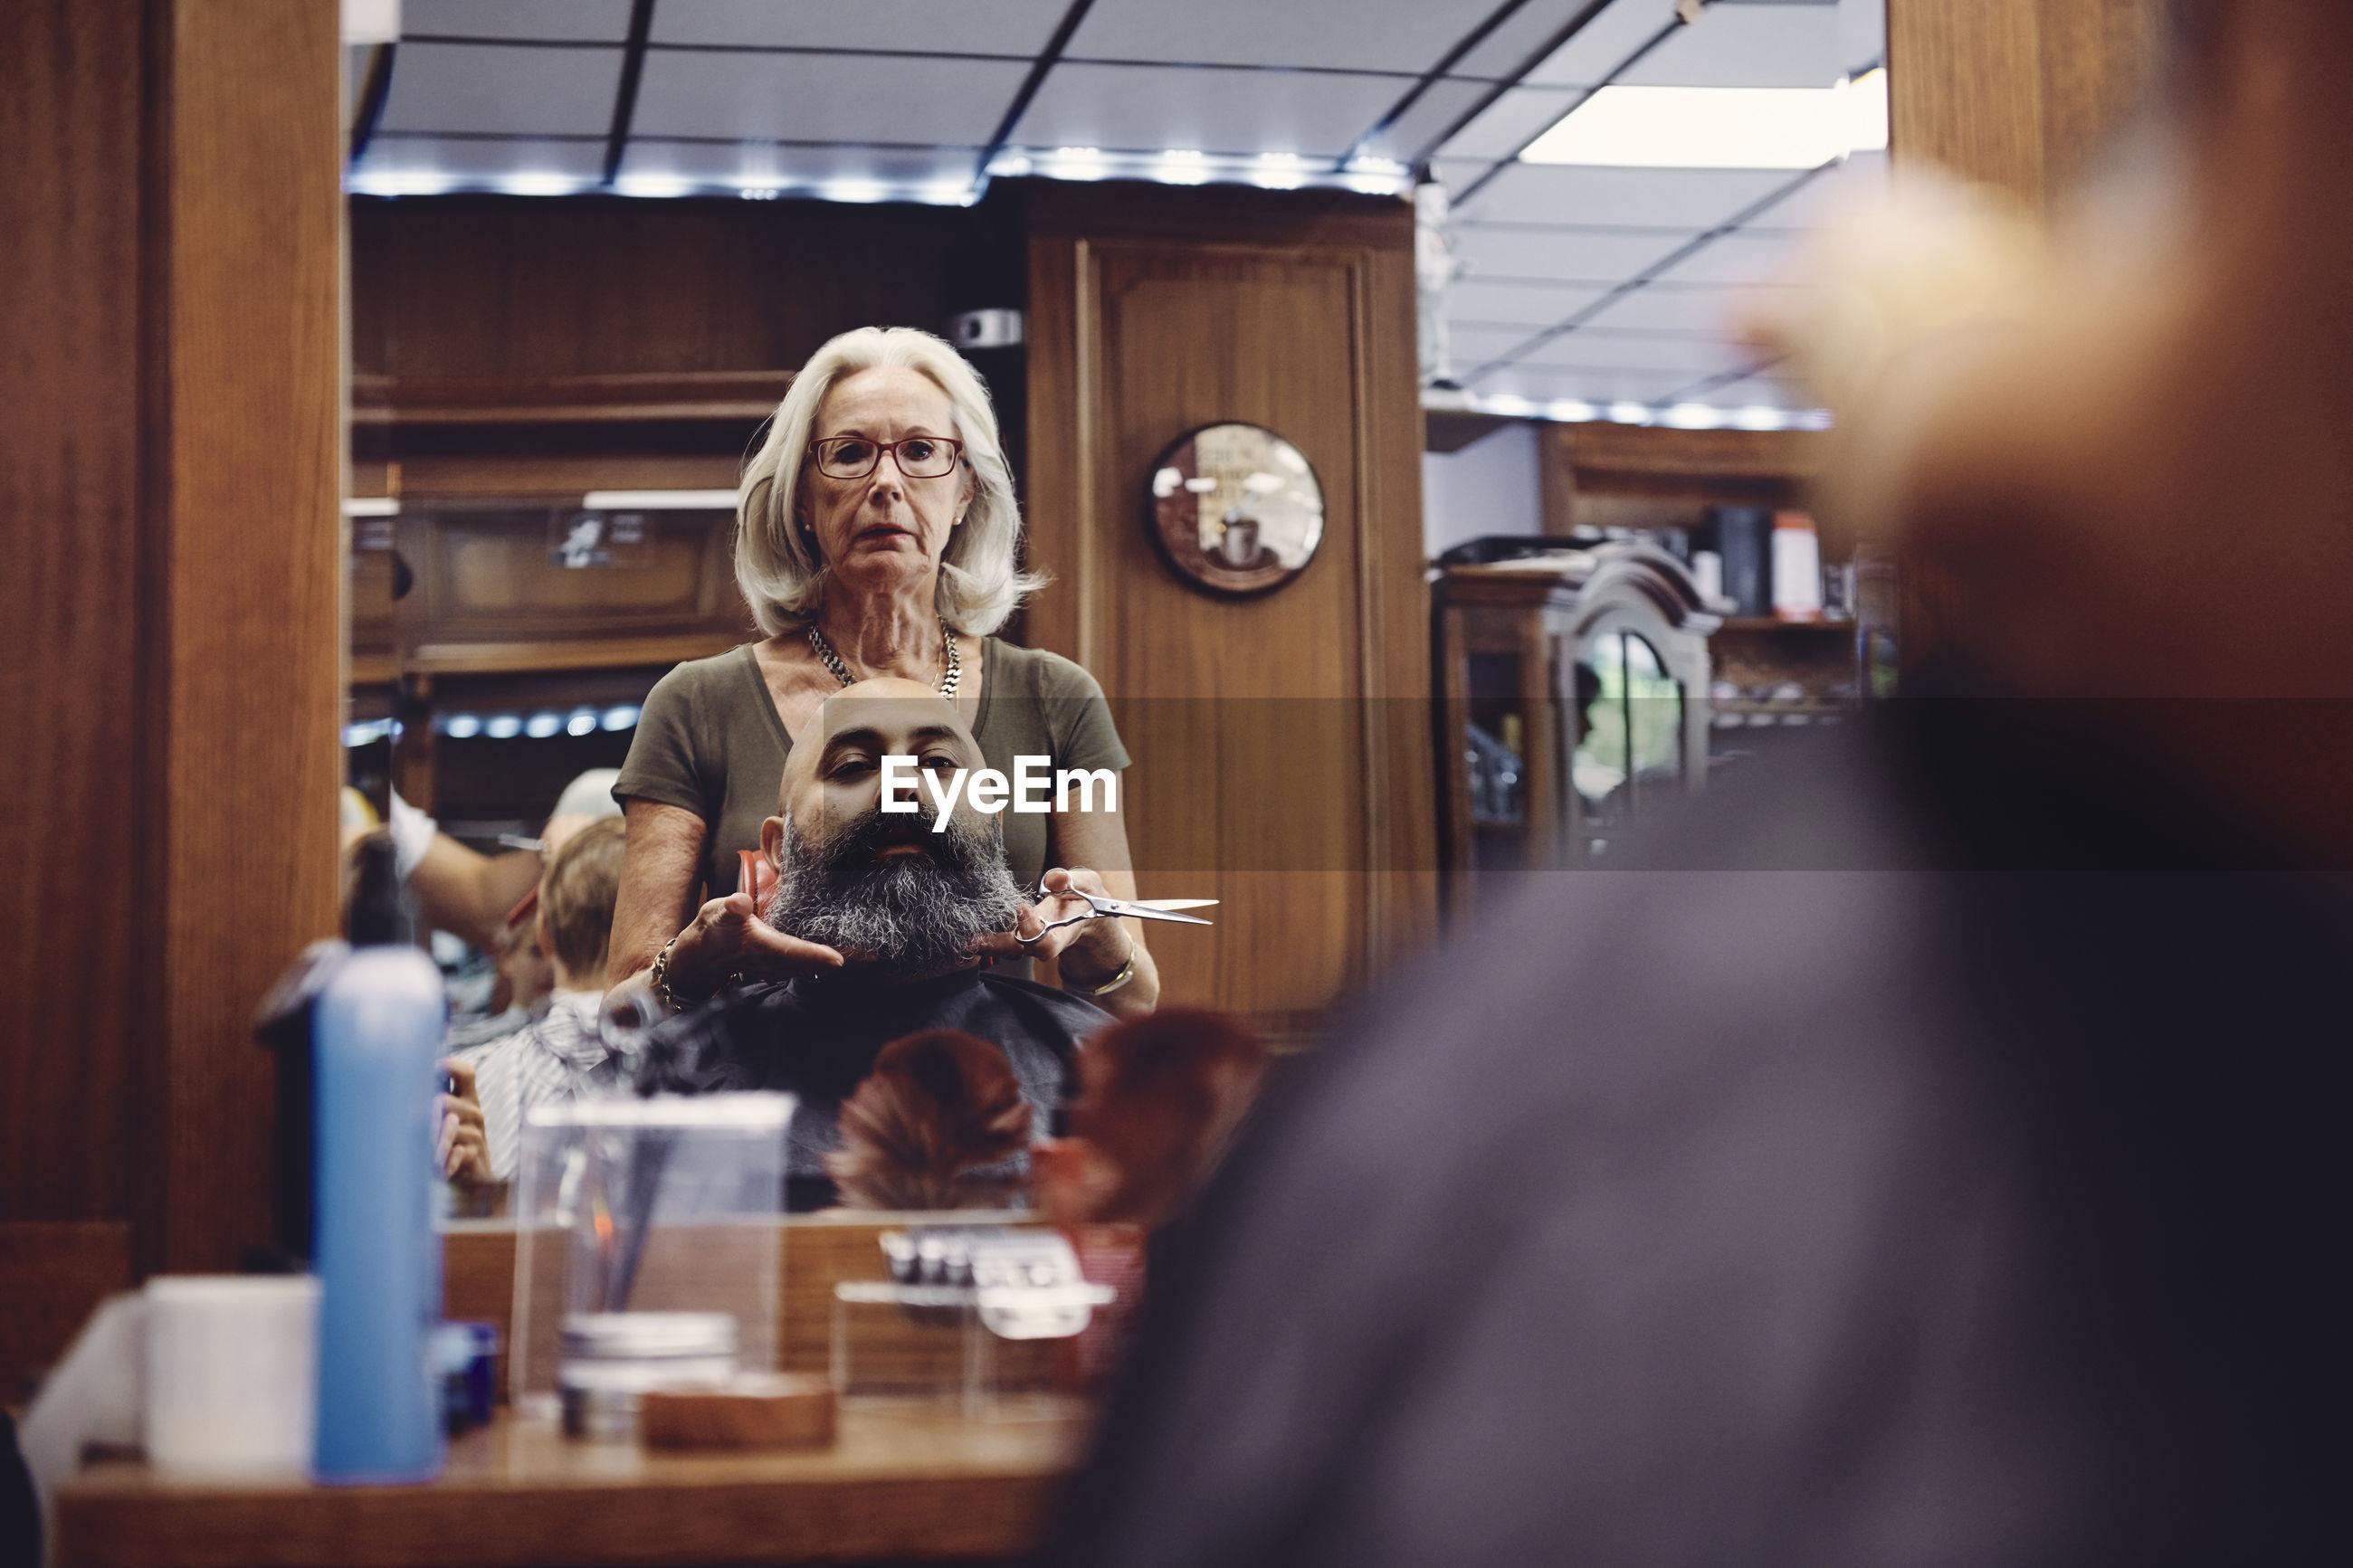 Woman cutting bald man beard in hair salon